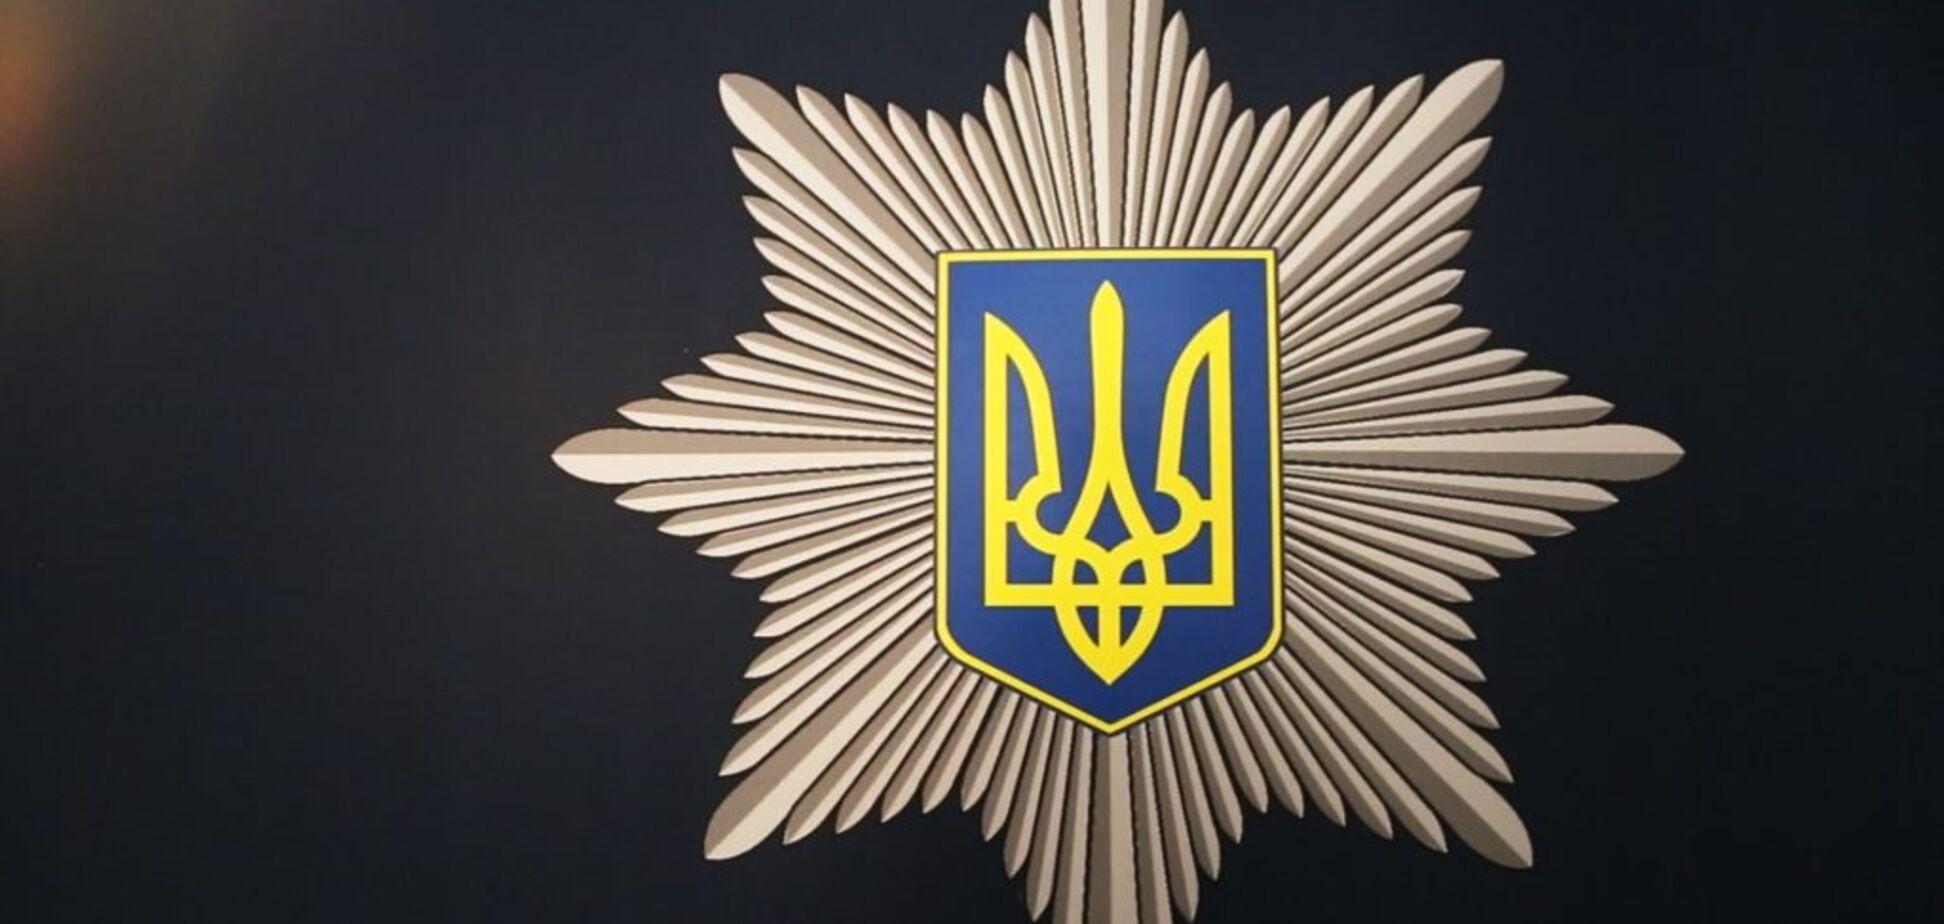 'В МВД завозили по $200-500 тысяч': скандальное интервью экс-начальника полиции